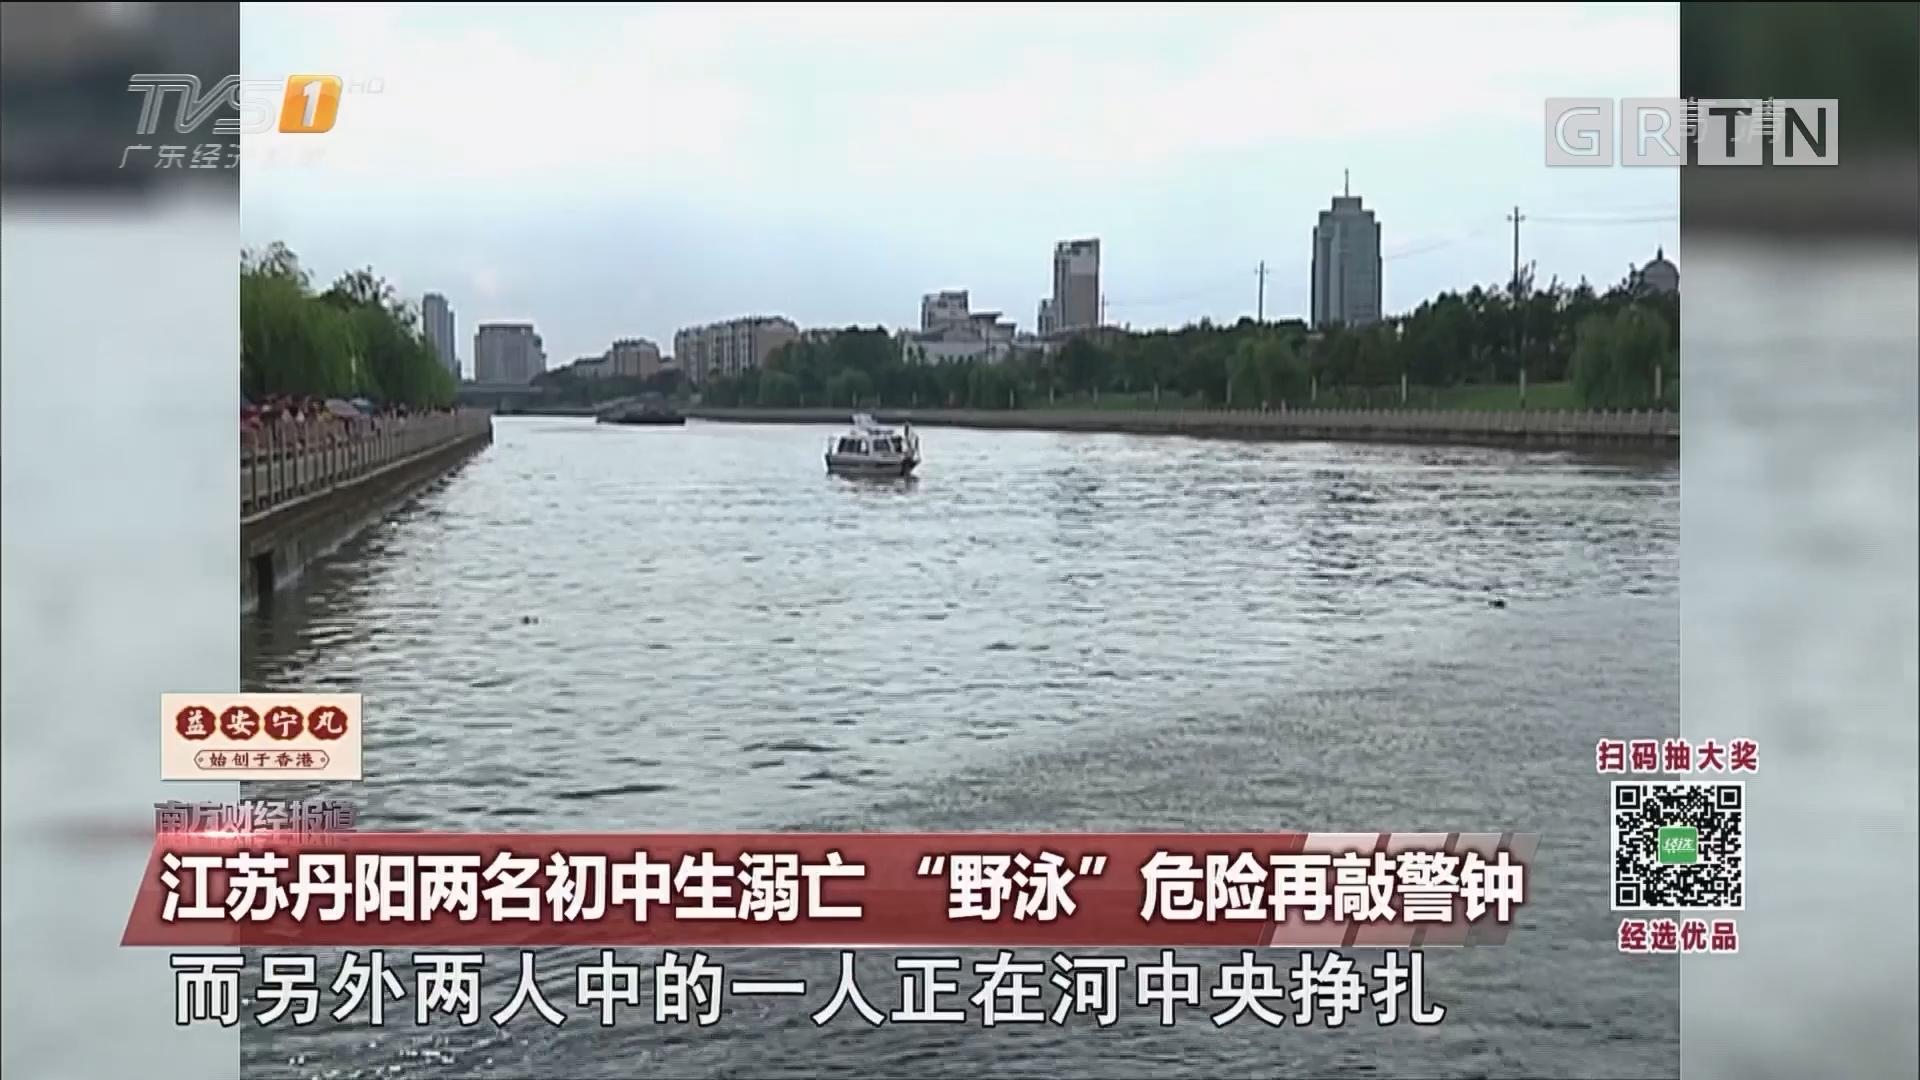 """江苏丹阳两名初中生溺亡 """"野泳""""危险再敲警钟"""